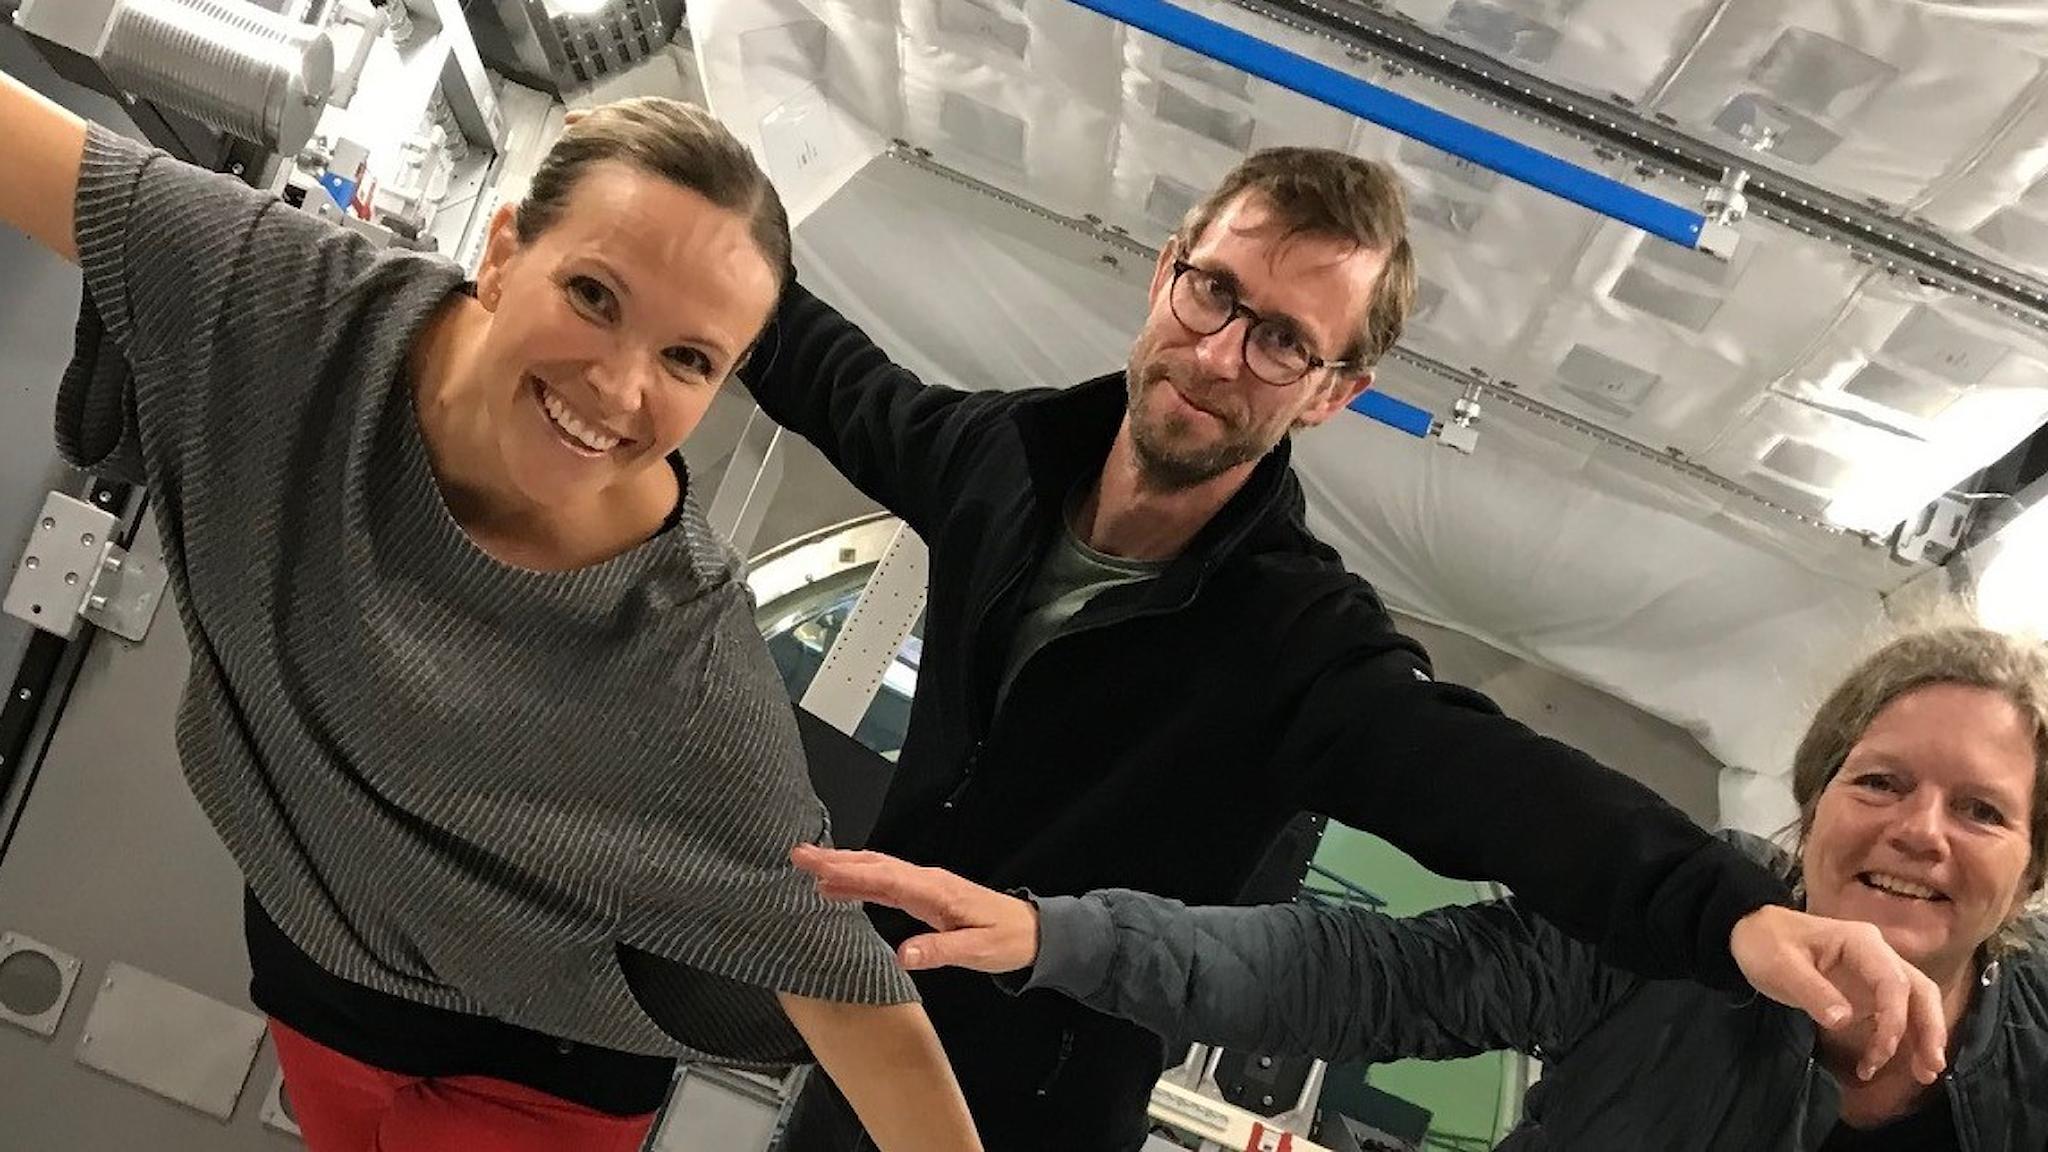 Tre personer tittar in i kameran med armarna utsträckta och kanske ser det lite ut som att de är tyngdlösa där de poserar inne i en fullskalemodell av den internationella rymdstationen.